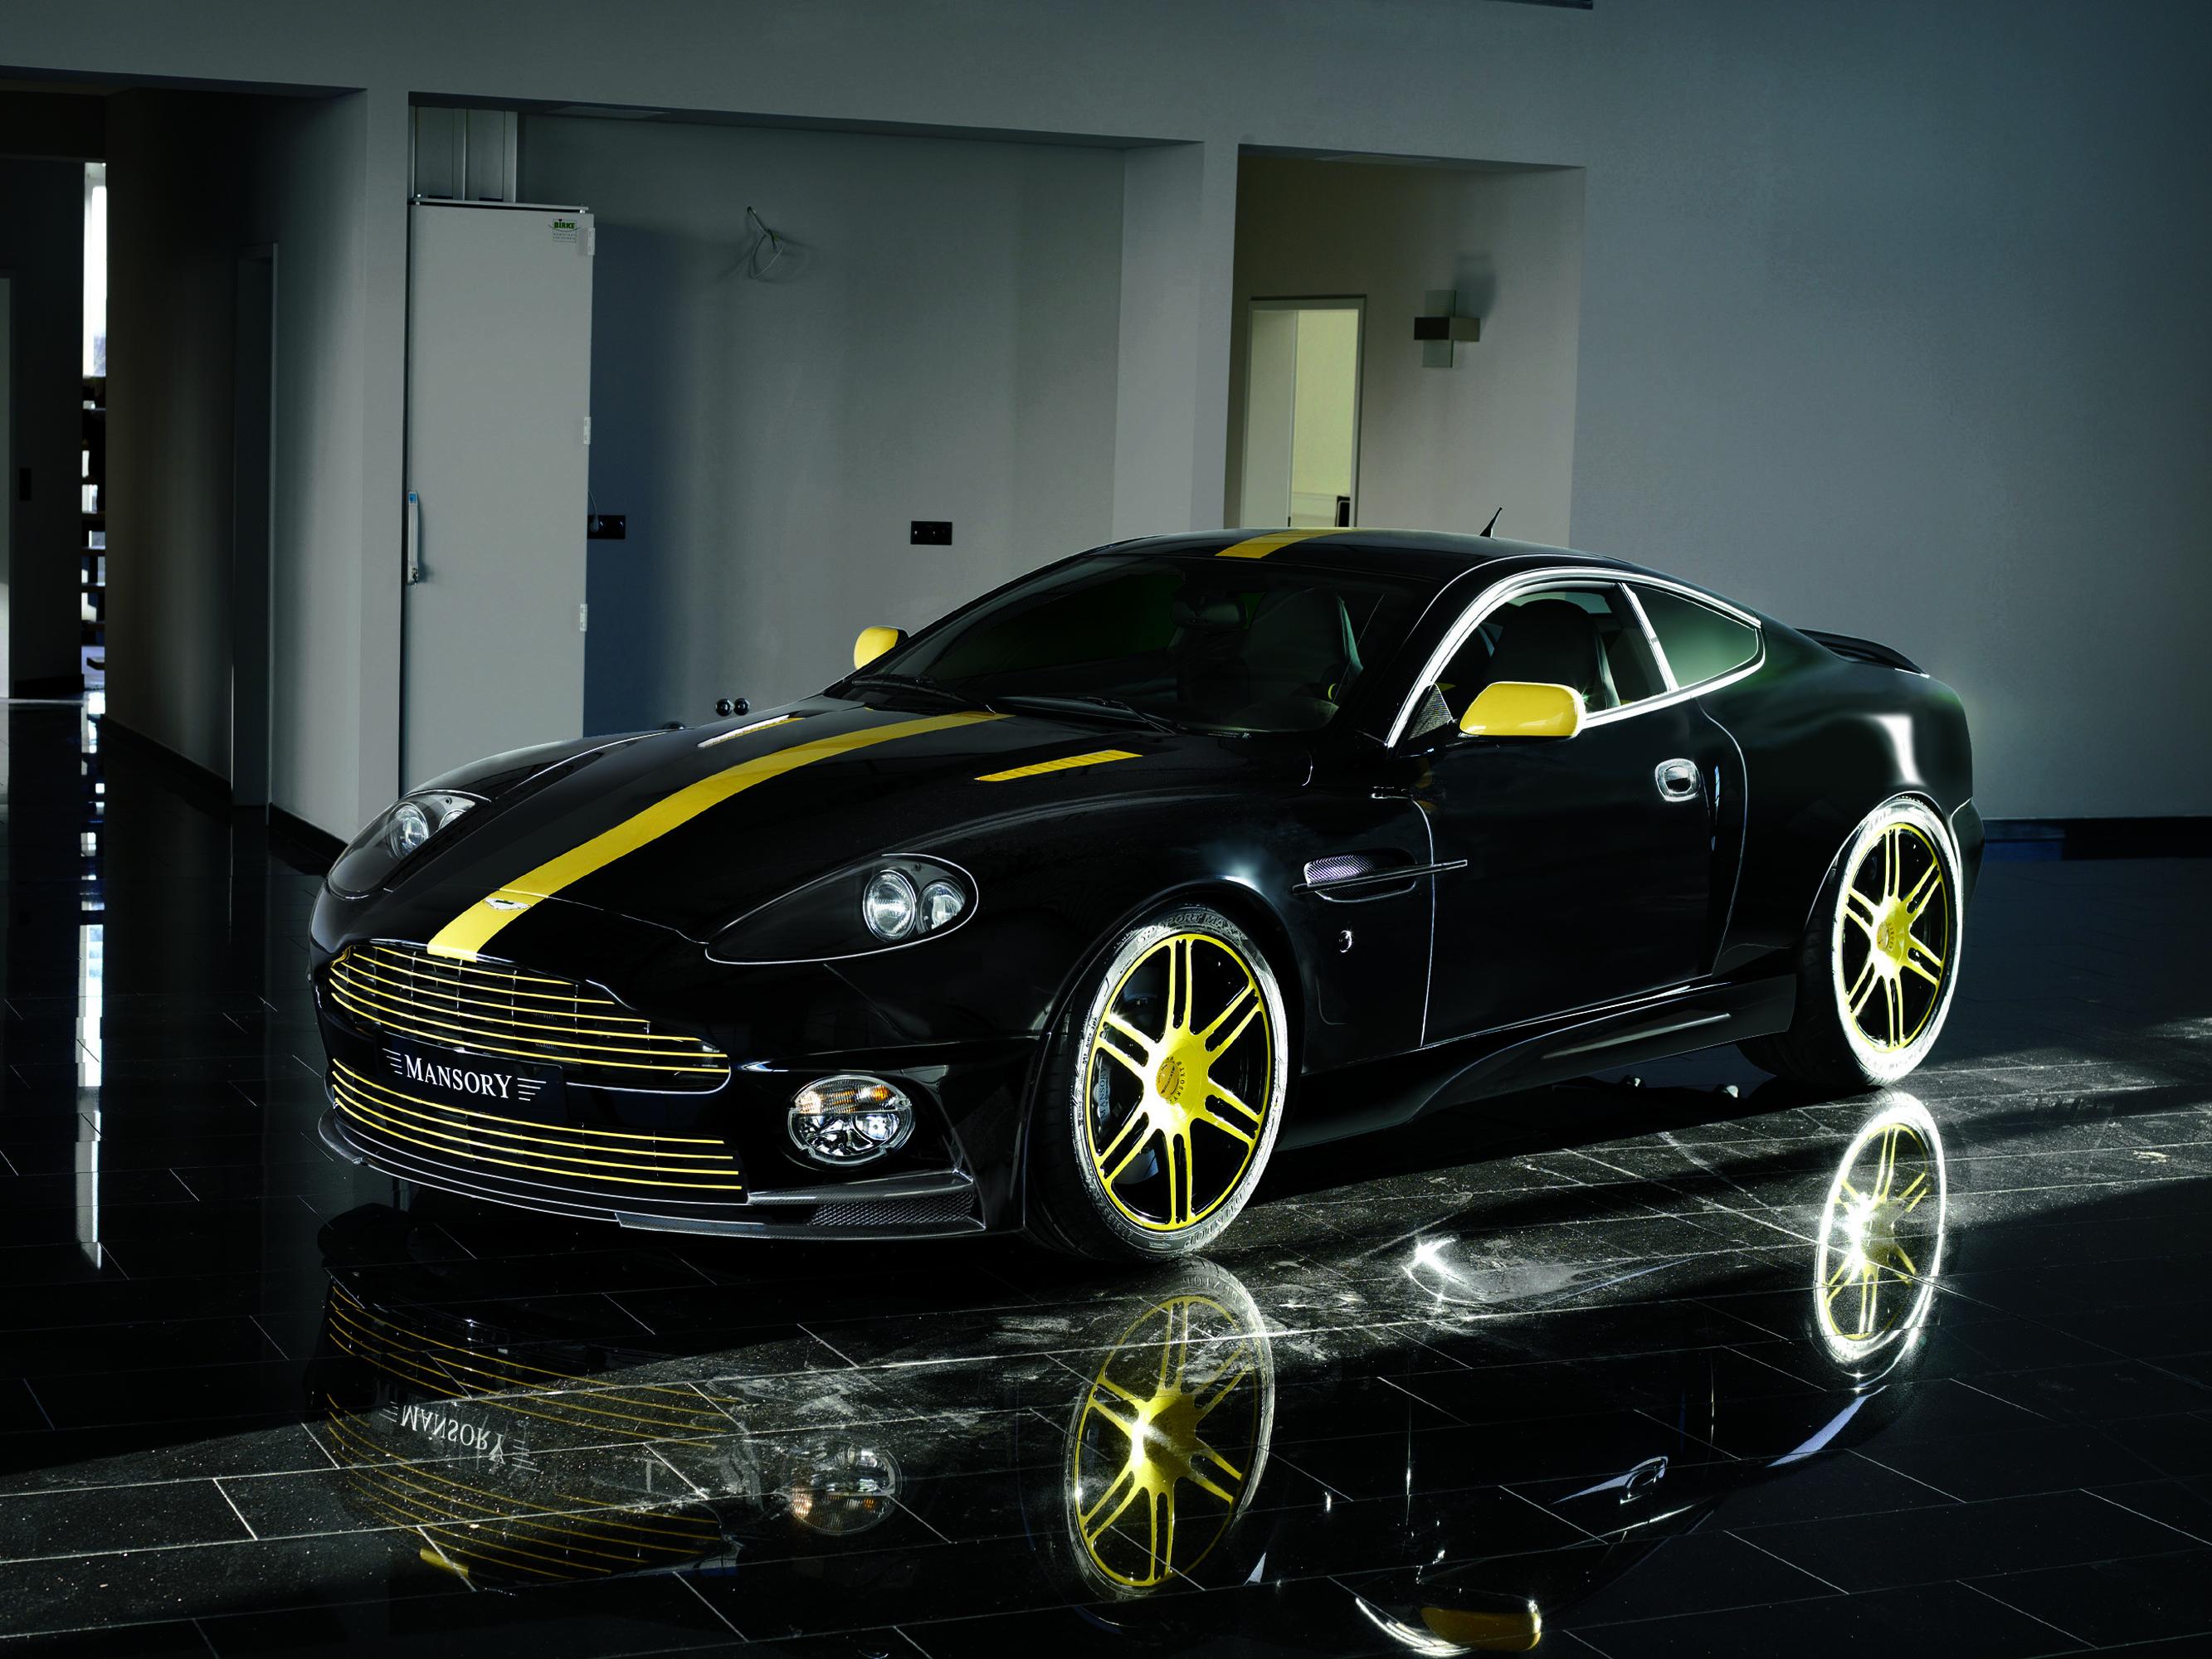 MANSORY Aston Martin Vanquish photo #1